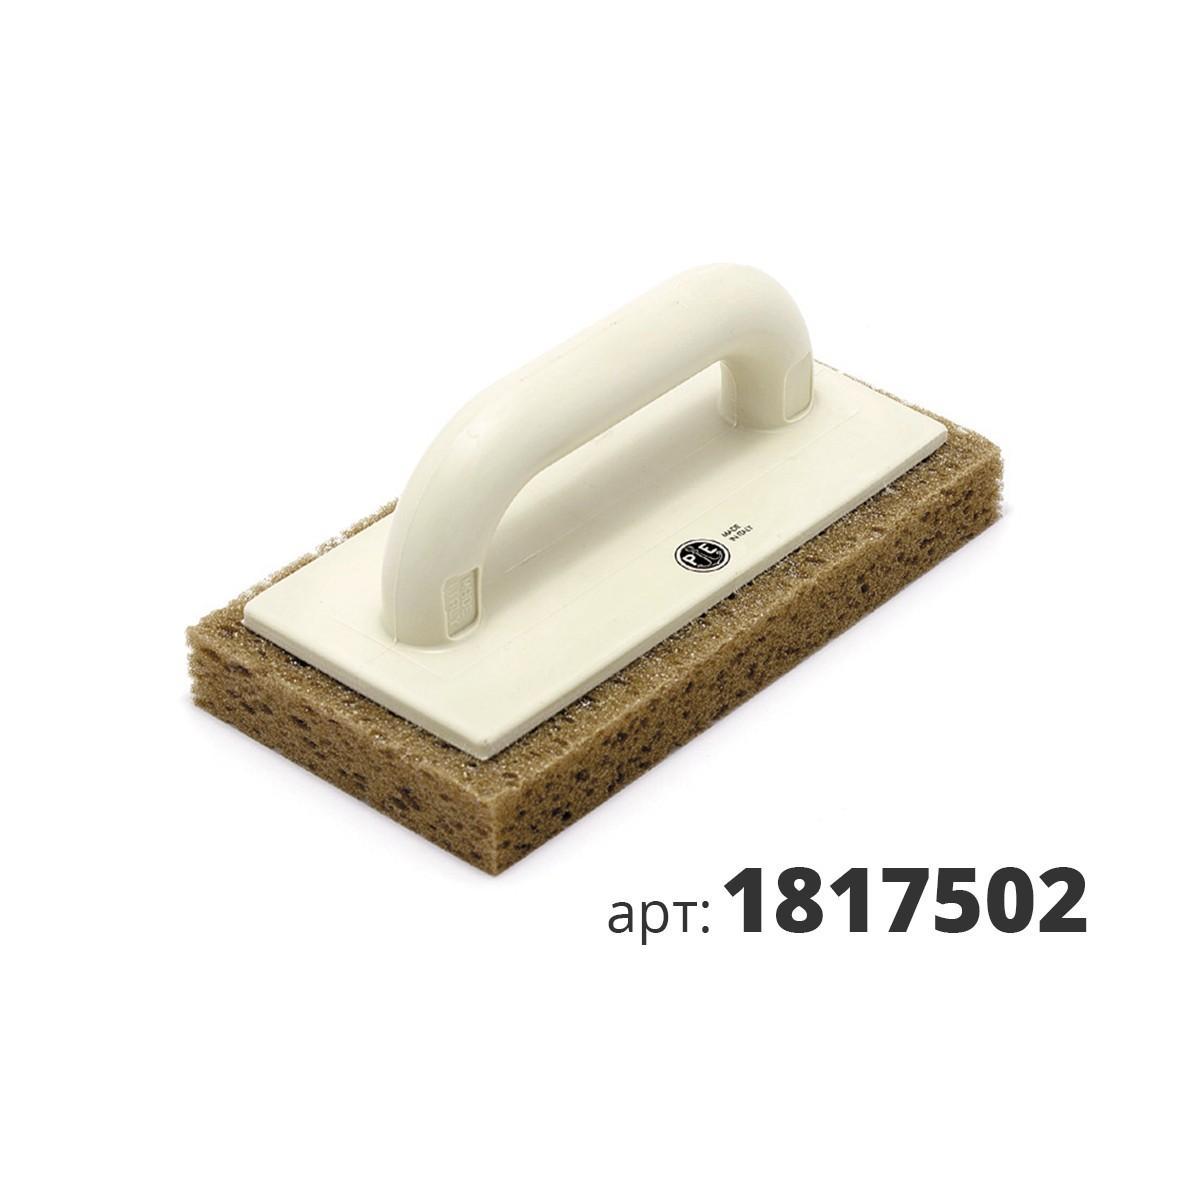 PAVAN кельма пластиковая с подошвой из натуральной губки 1817502